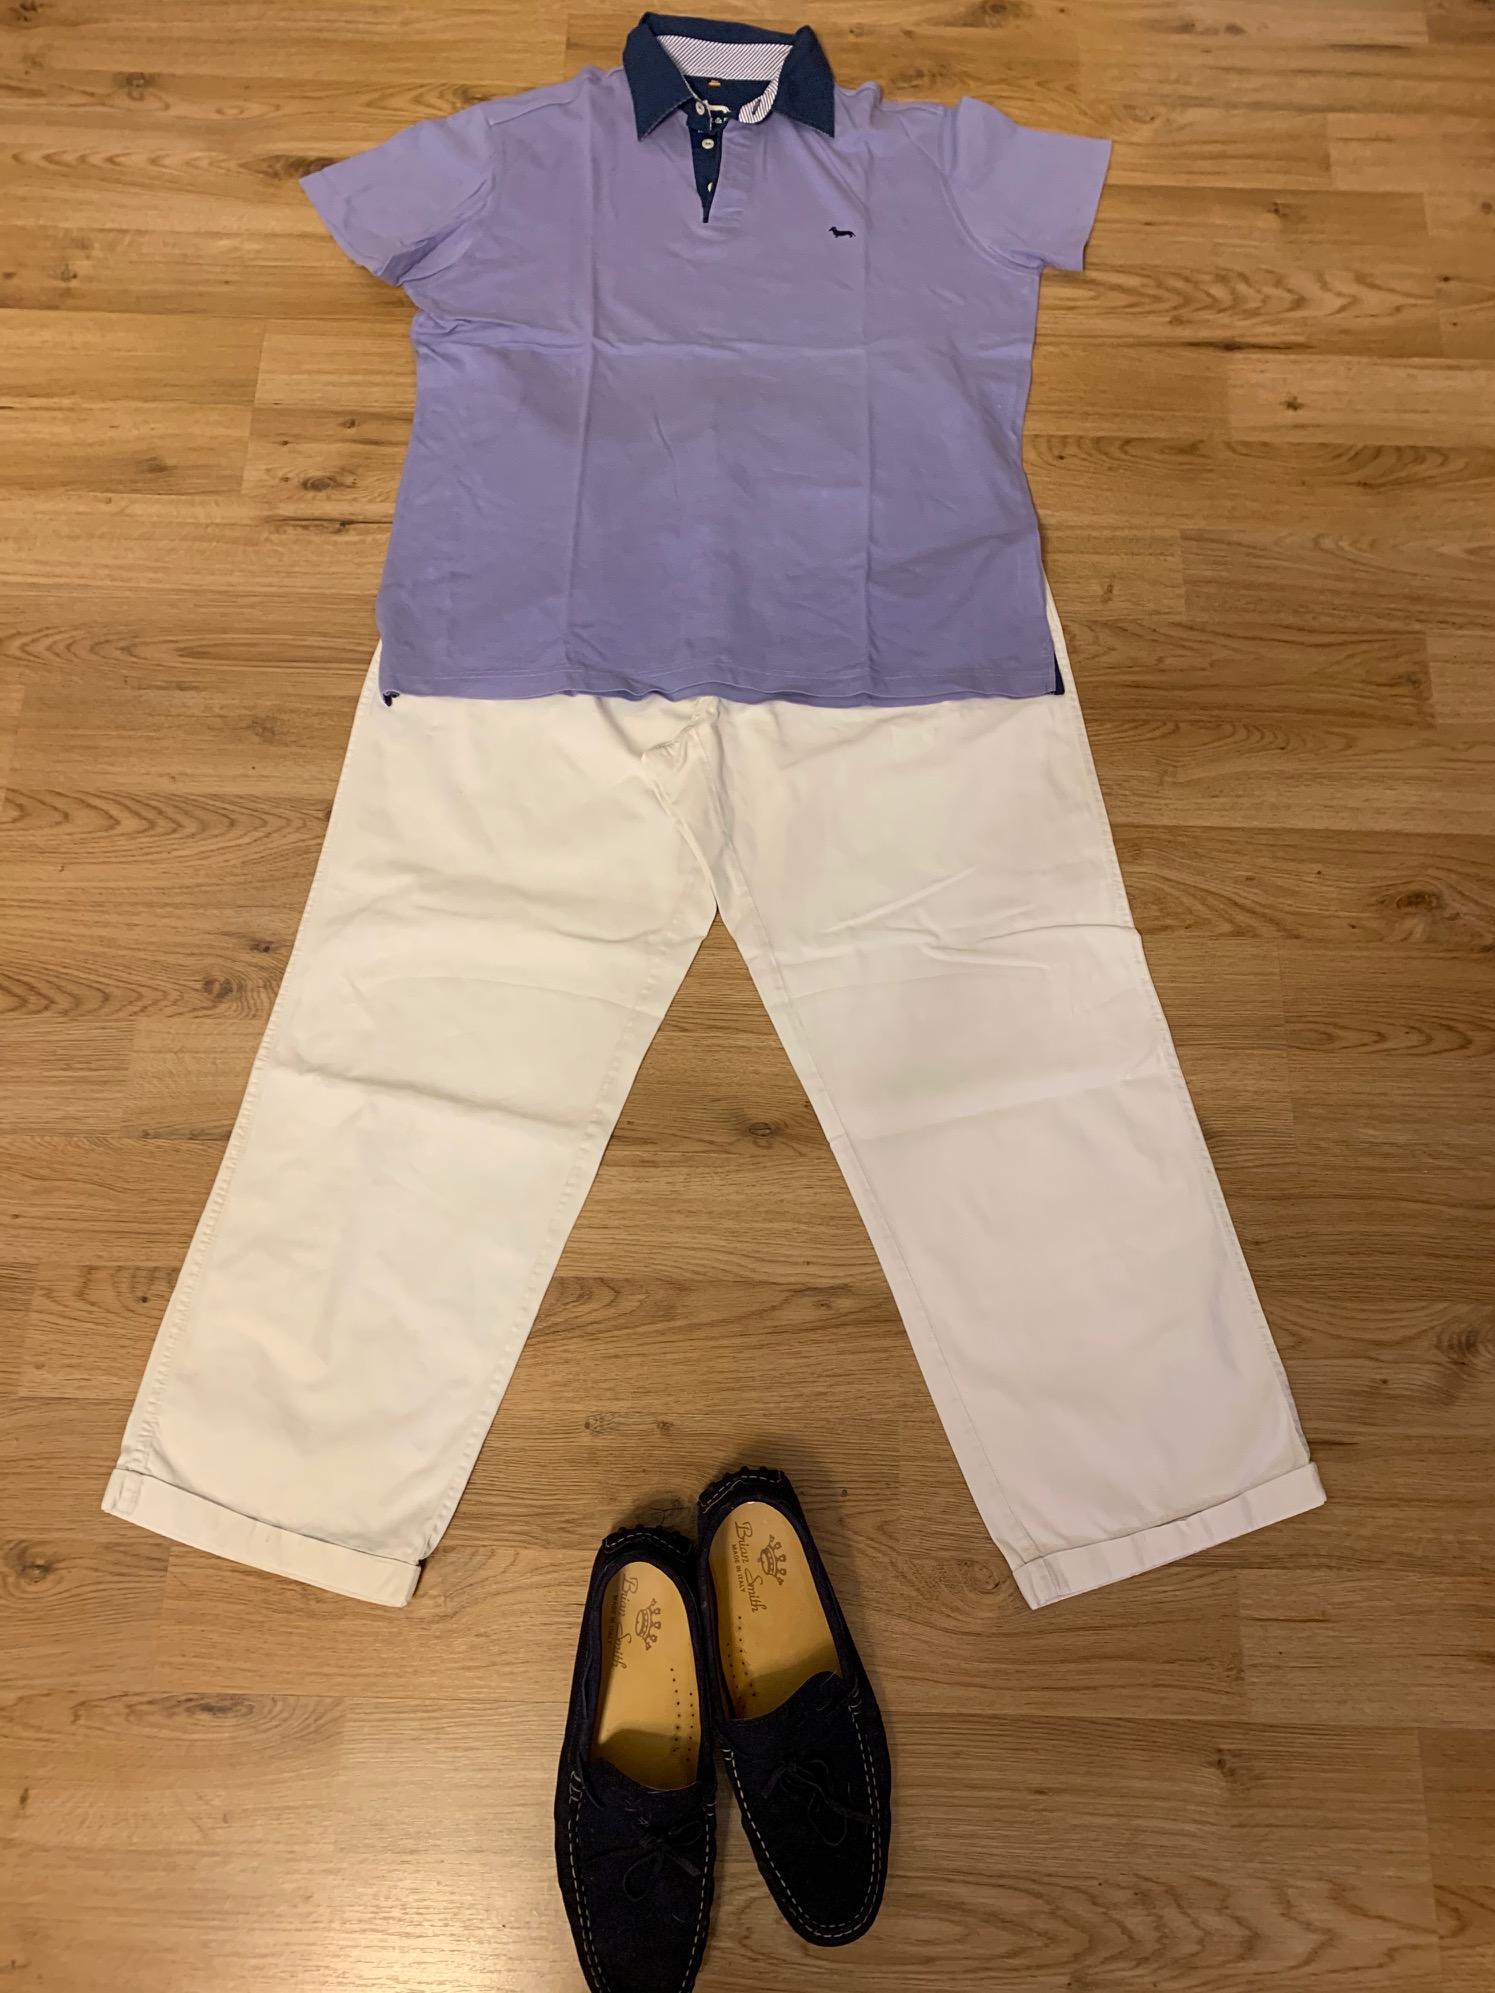 ミラノの夏の服装 メンズ